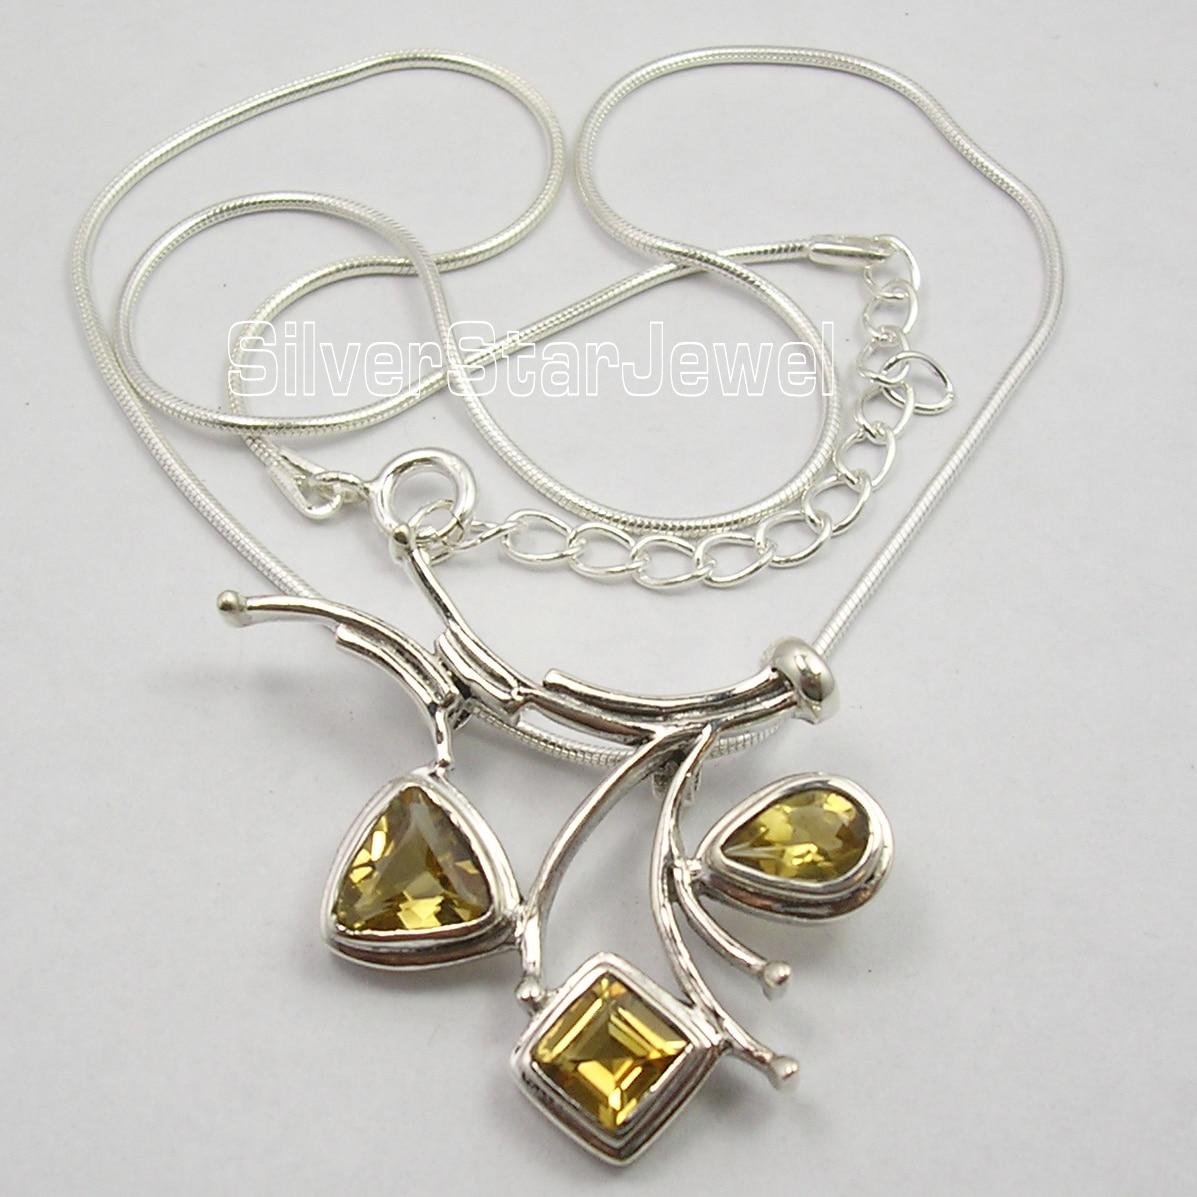 Chanti internacional Collar de Arte de cadena de serpiente de citrinas amarillas facetadas en plata de 18,5 pulgadas-in Collares colgantes from Joyería y accesorios    1